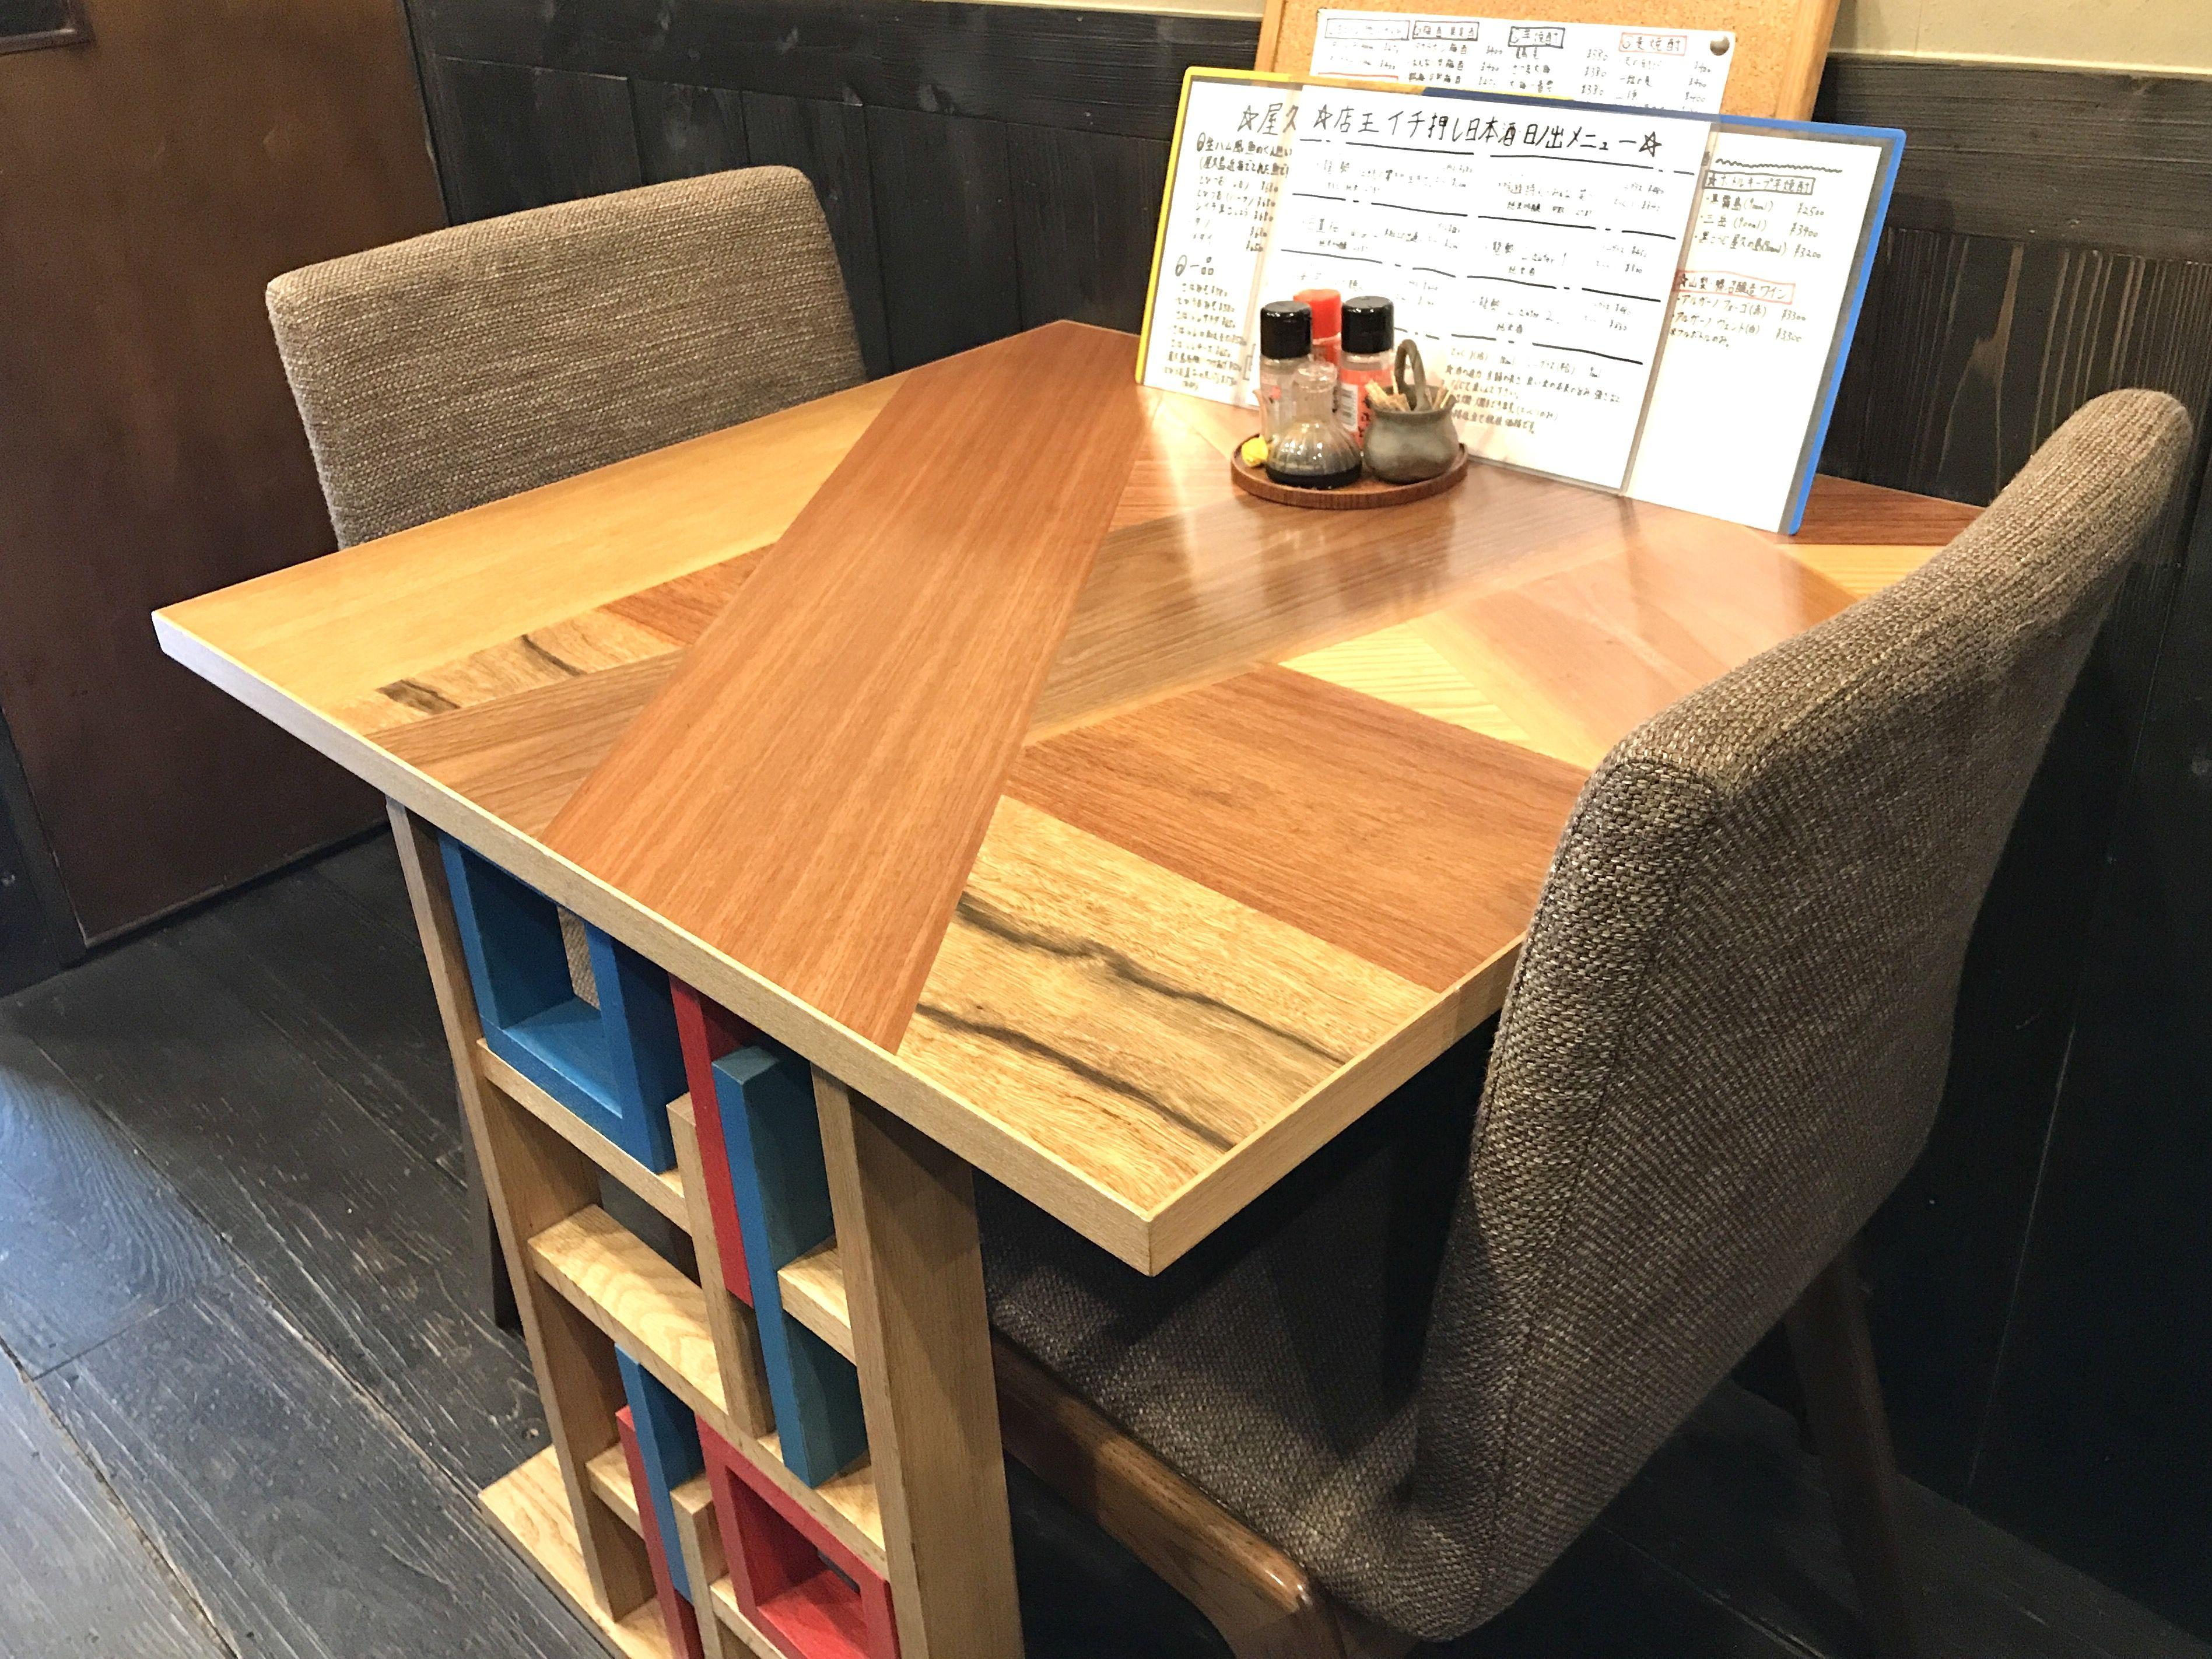 「和鮮酒庵やなぎ」の個性的なオーダーメイドテーブル